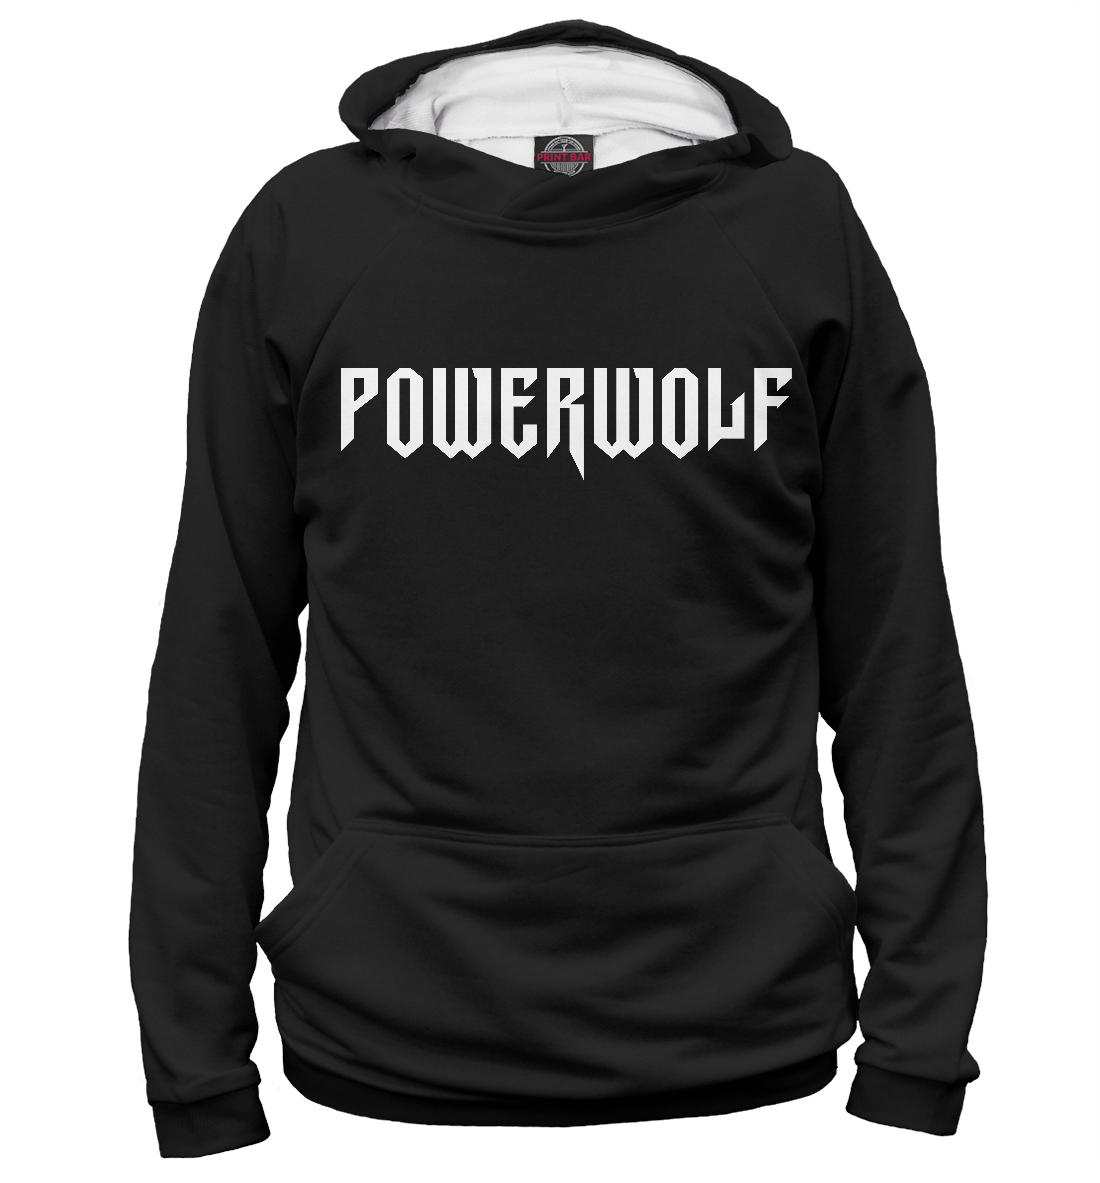 Powerwolf, Printbar, Худи, MZK-146151-hud-1  - купить со скидкой